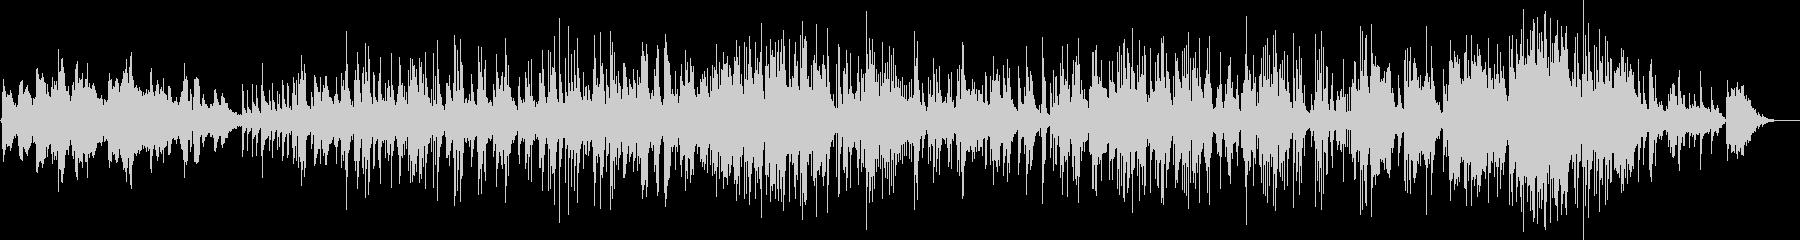 ピアノカルテット情熱的なjazzバラードの未再生の波形